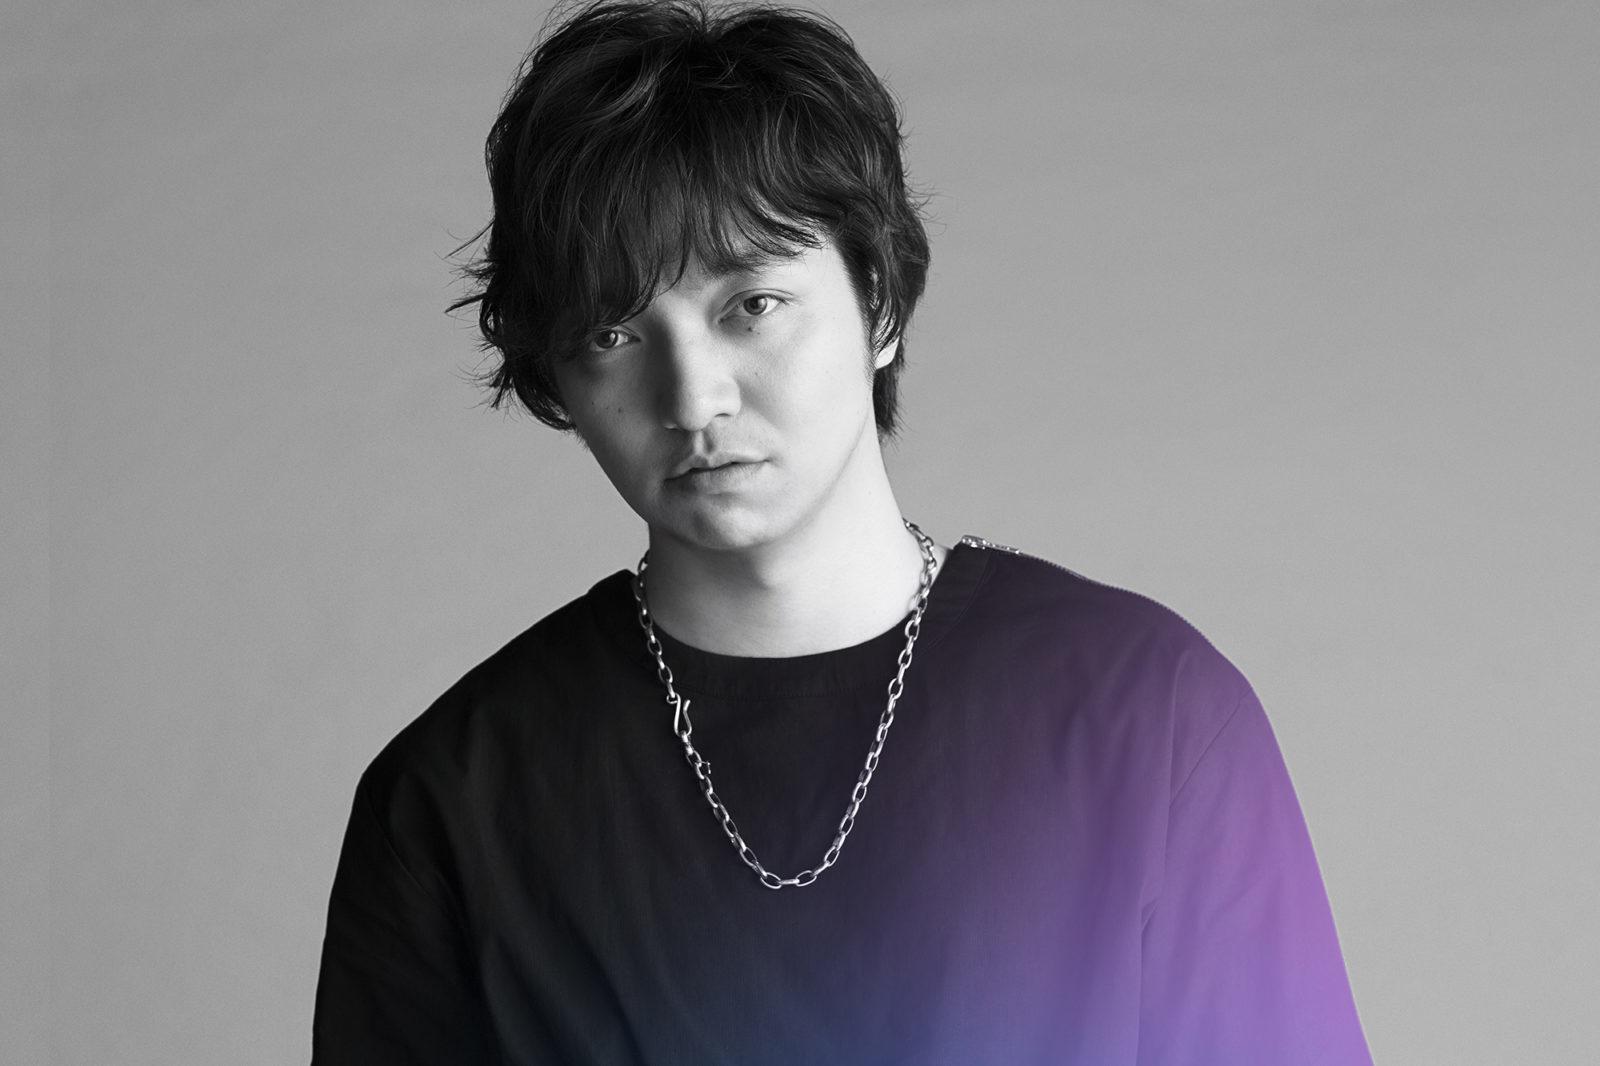 三浦大知 ワンカット一発撮りの新曲MVが公開サムネイル画像